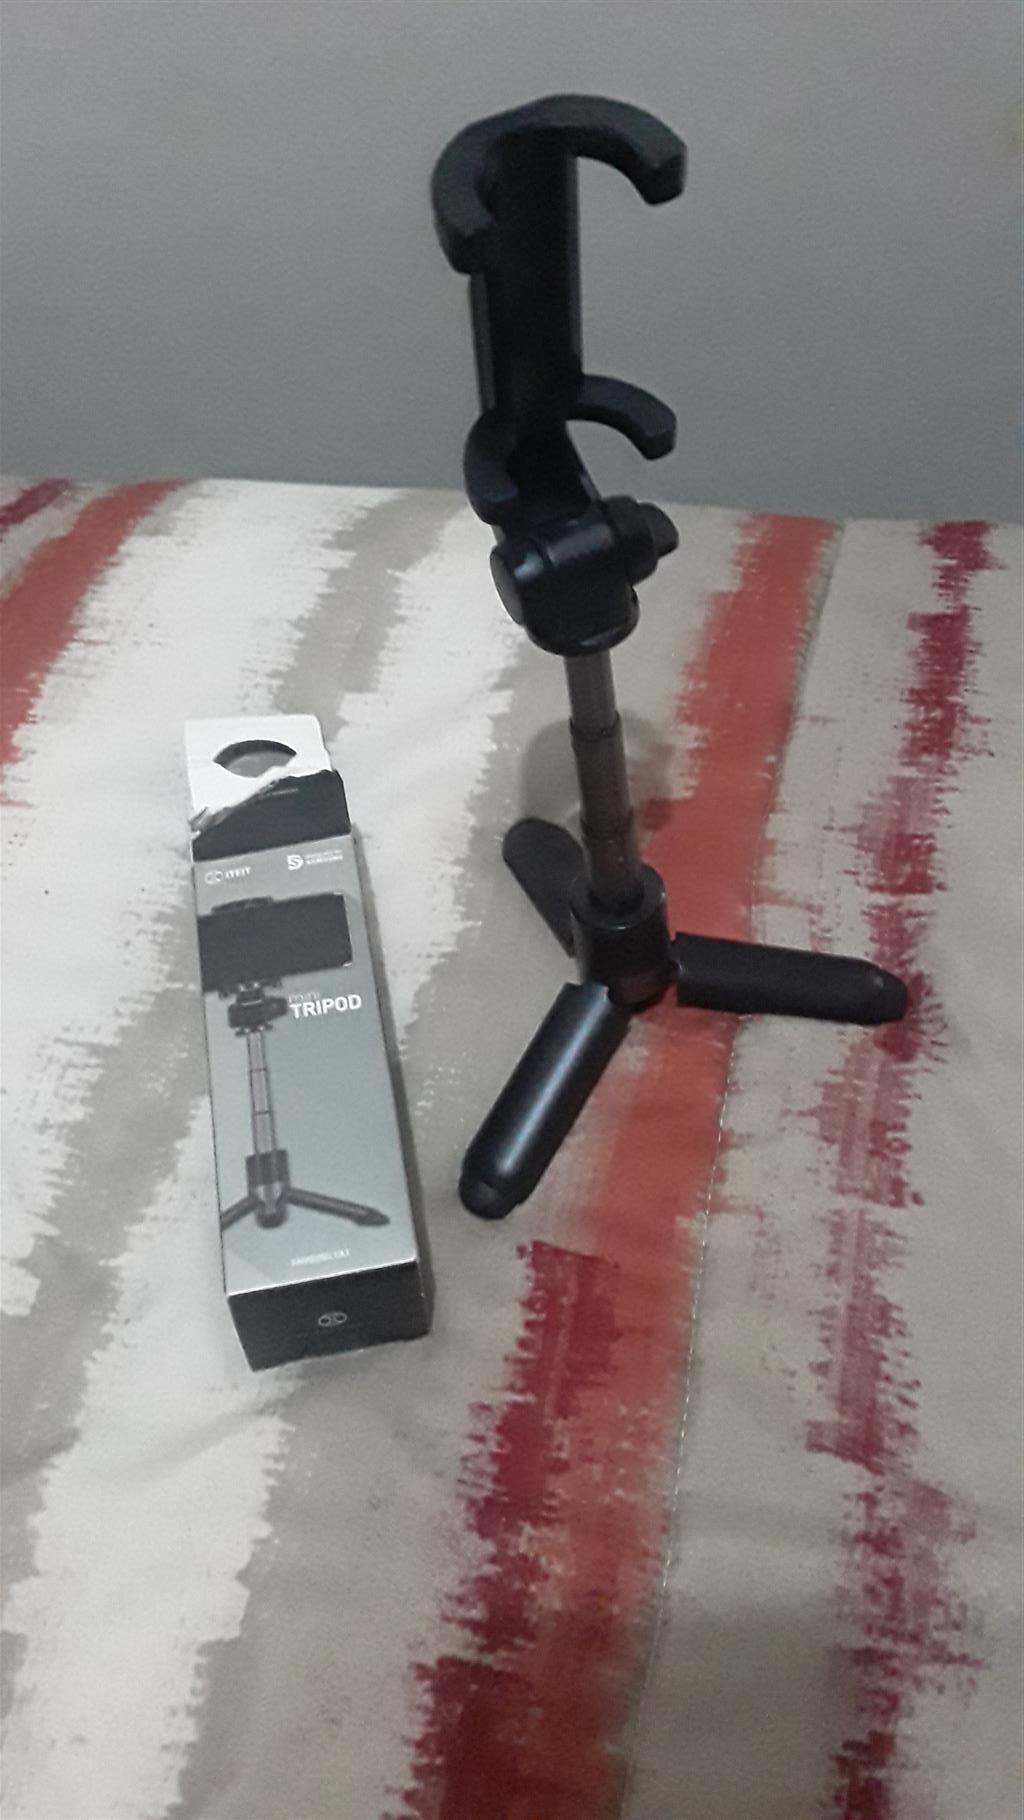 Samsung mini tripod